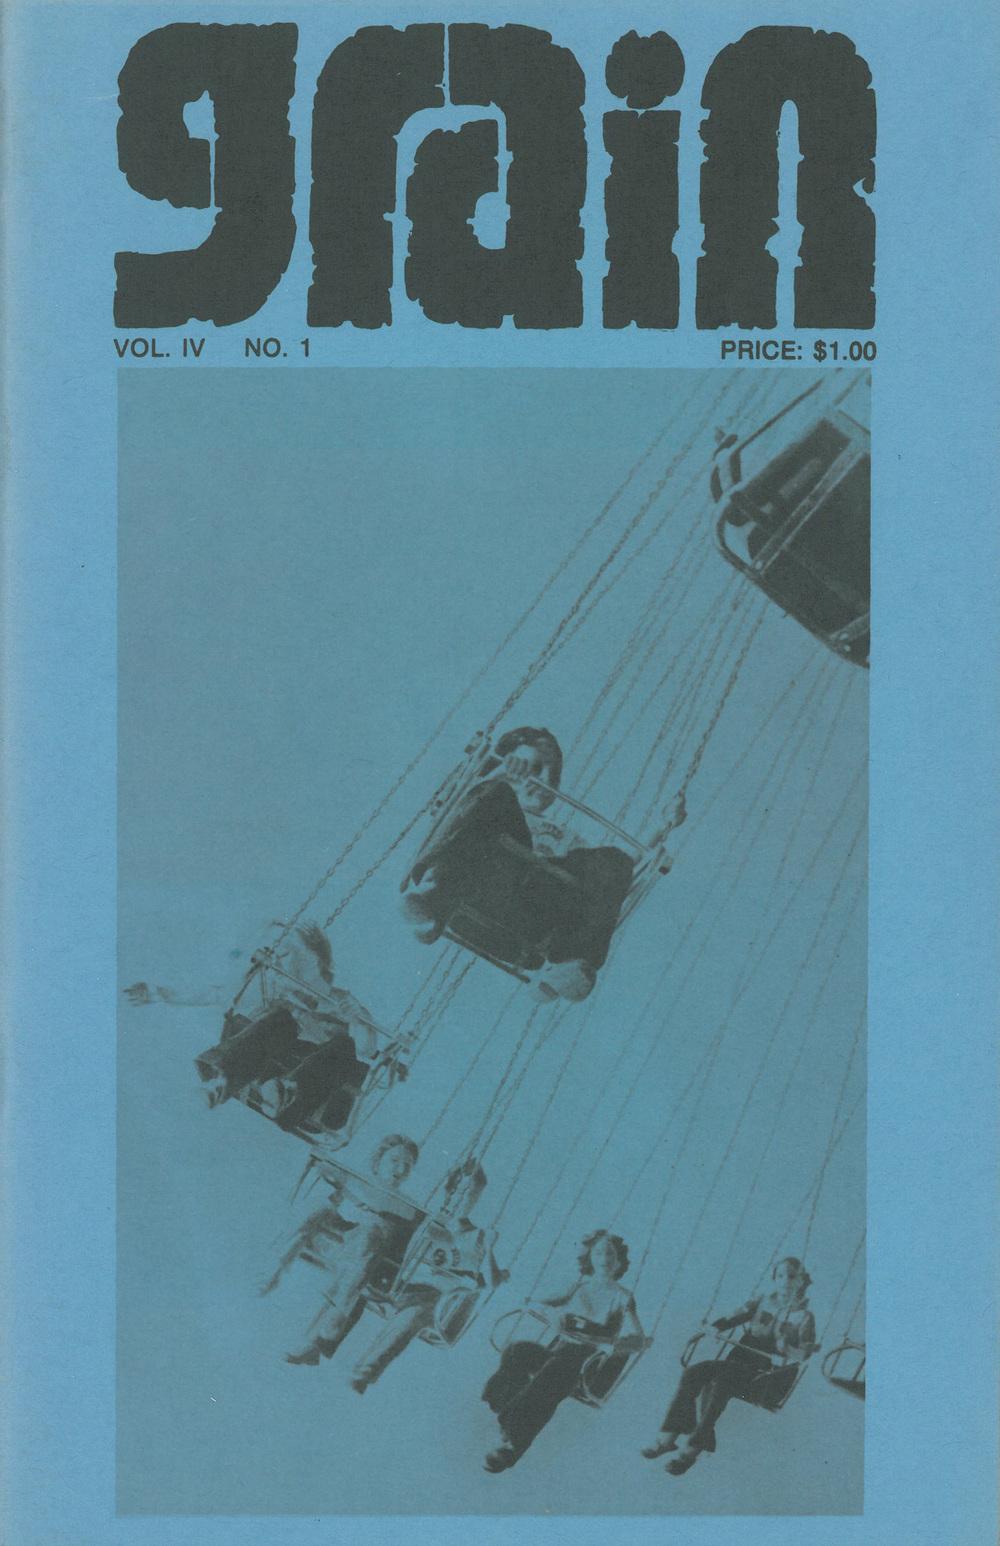 4.1 February 1976